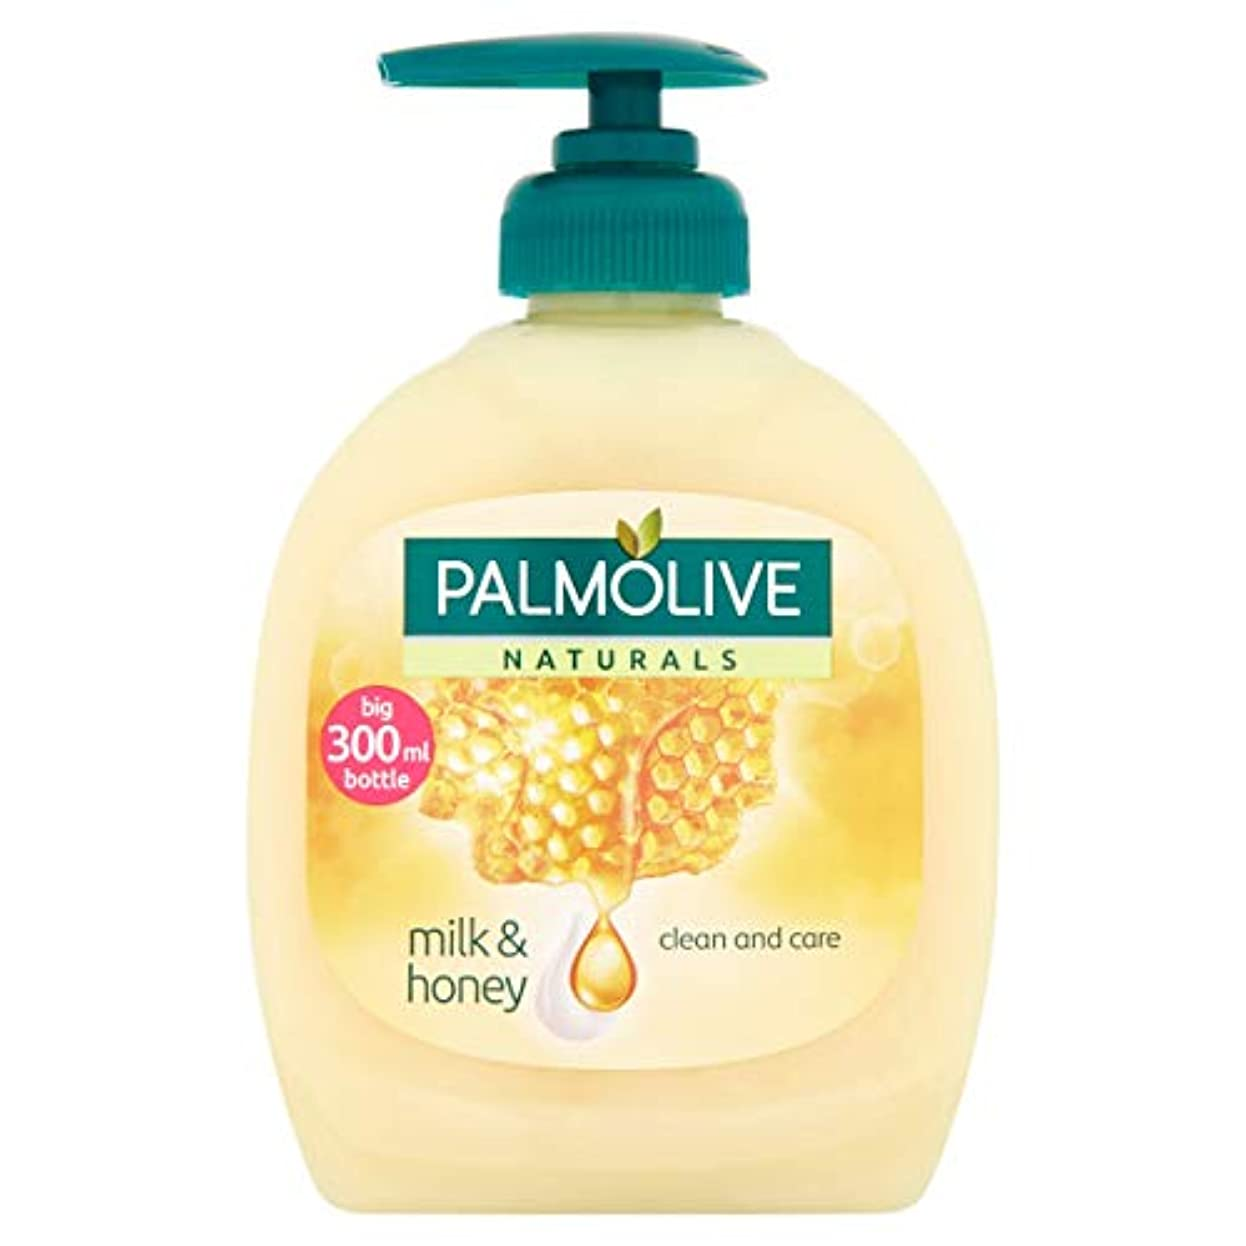 不規則性アスレチックライオネルグリーンストリートPalmolive Naturals Milk & Honey Liquid Handwash by Palmolive